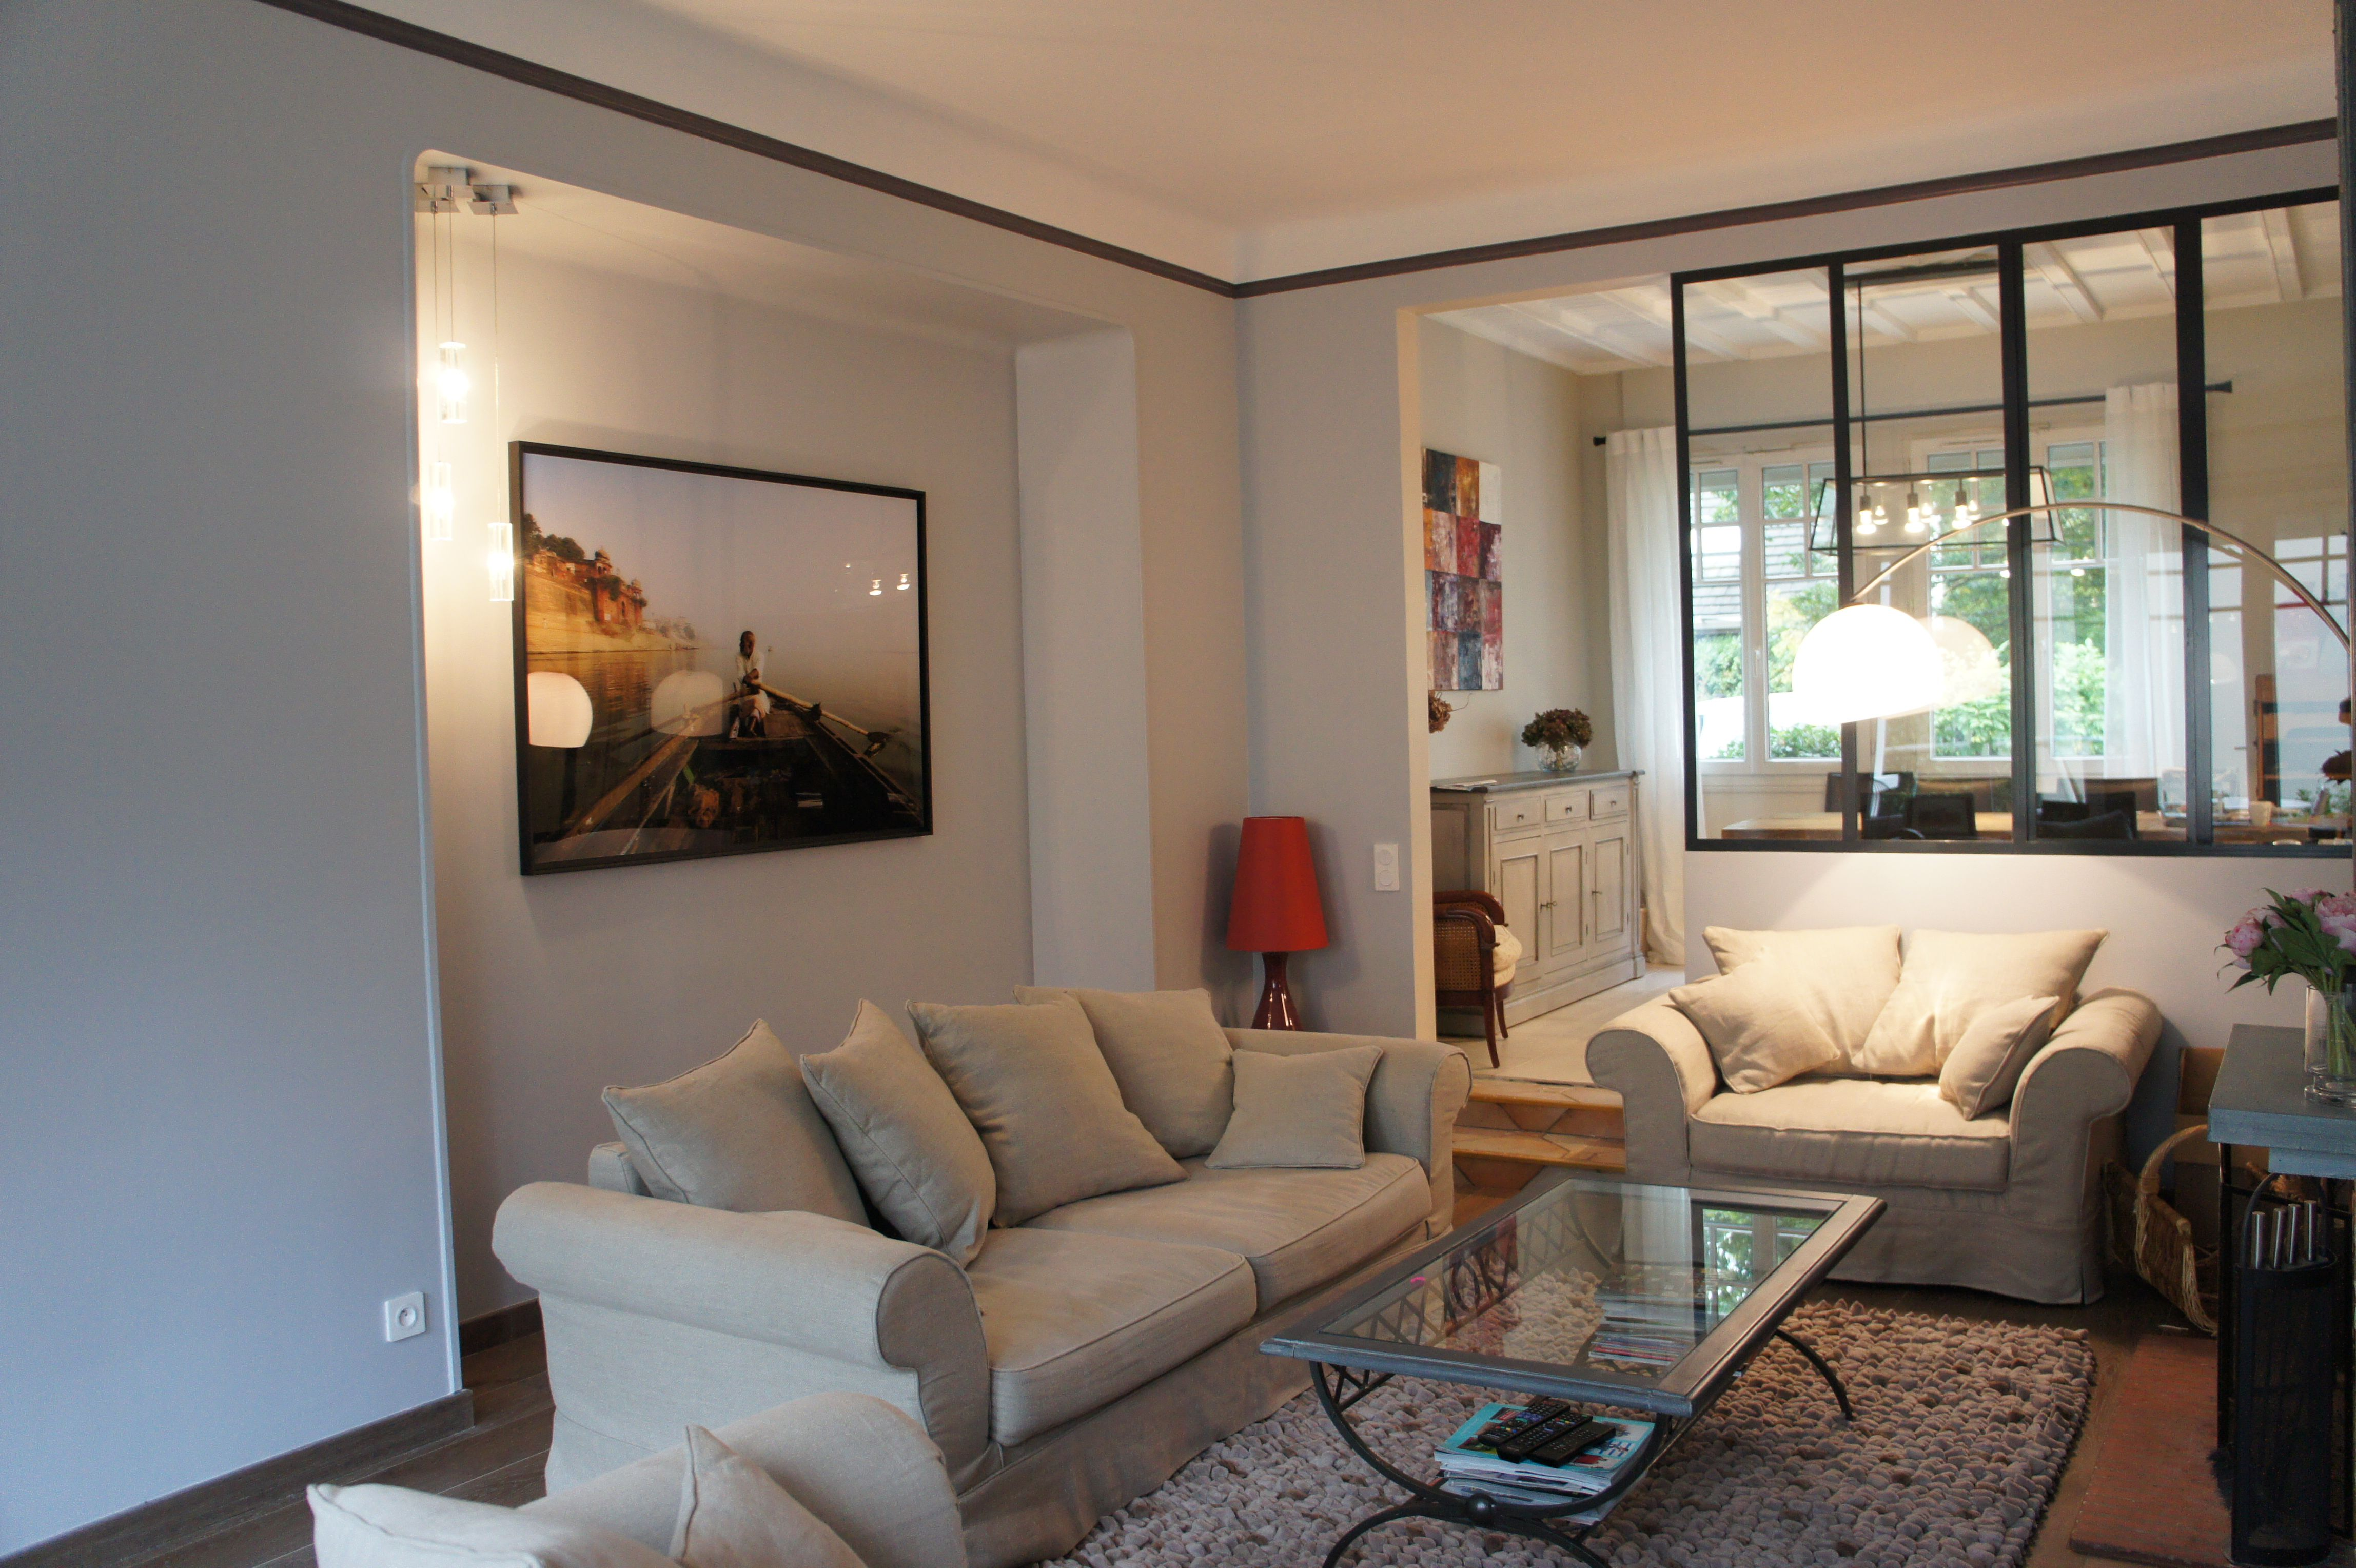 chantier du mois am nagement du salon avec la d coration. Black Bedroom Furniture Sets. Home Design Ideas